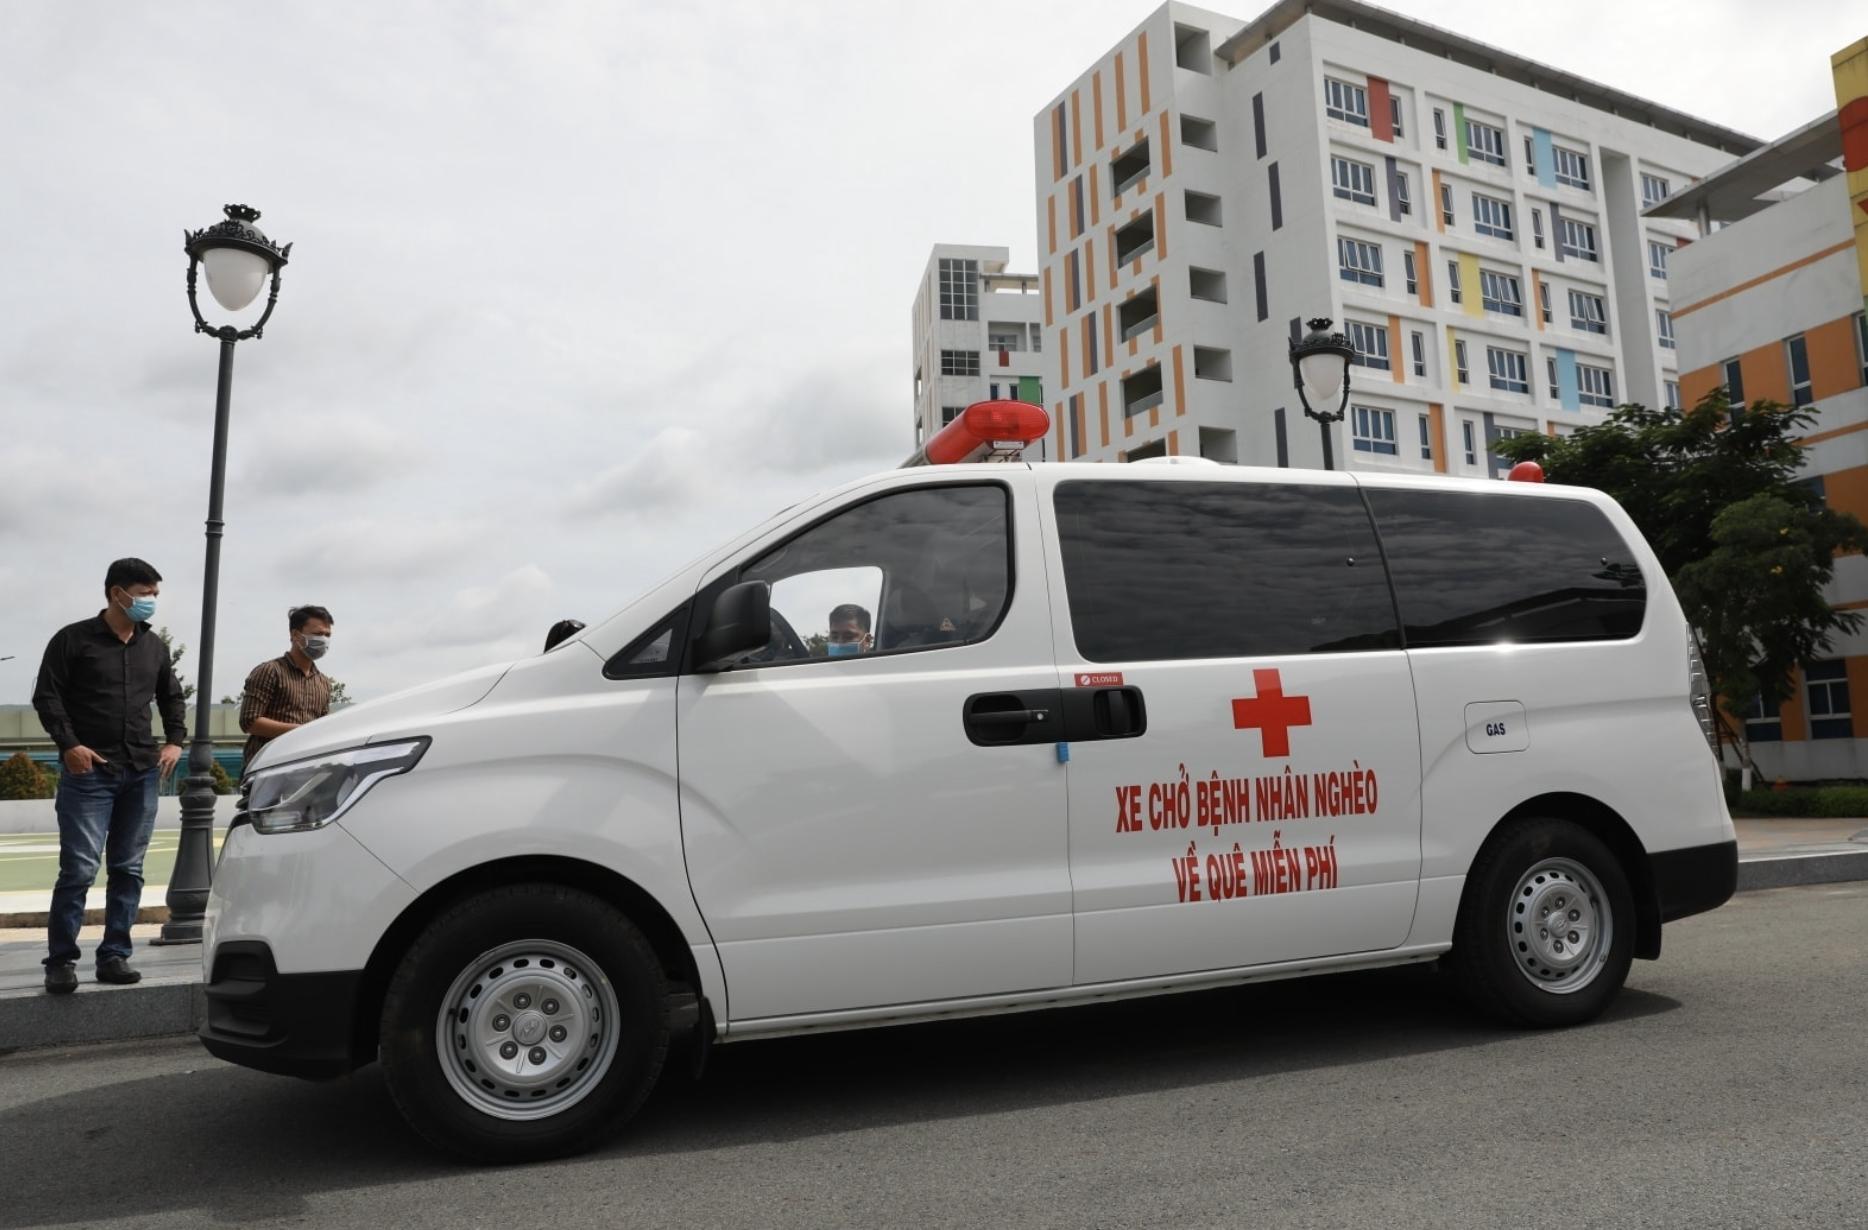 Chiếc xe chở bệnh nhân nghèo về quê miễn phí của ông Đoàn Ngọc Hải.